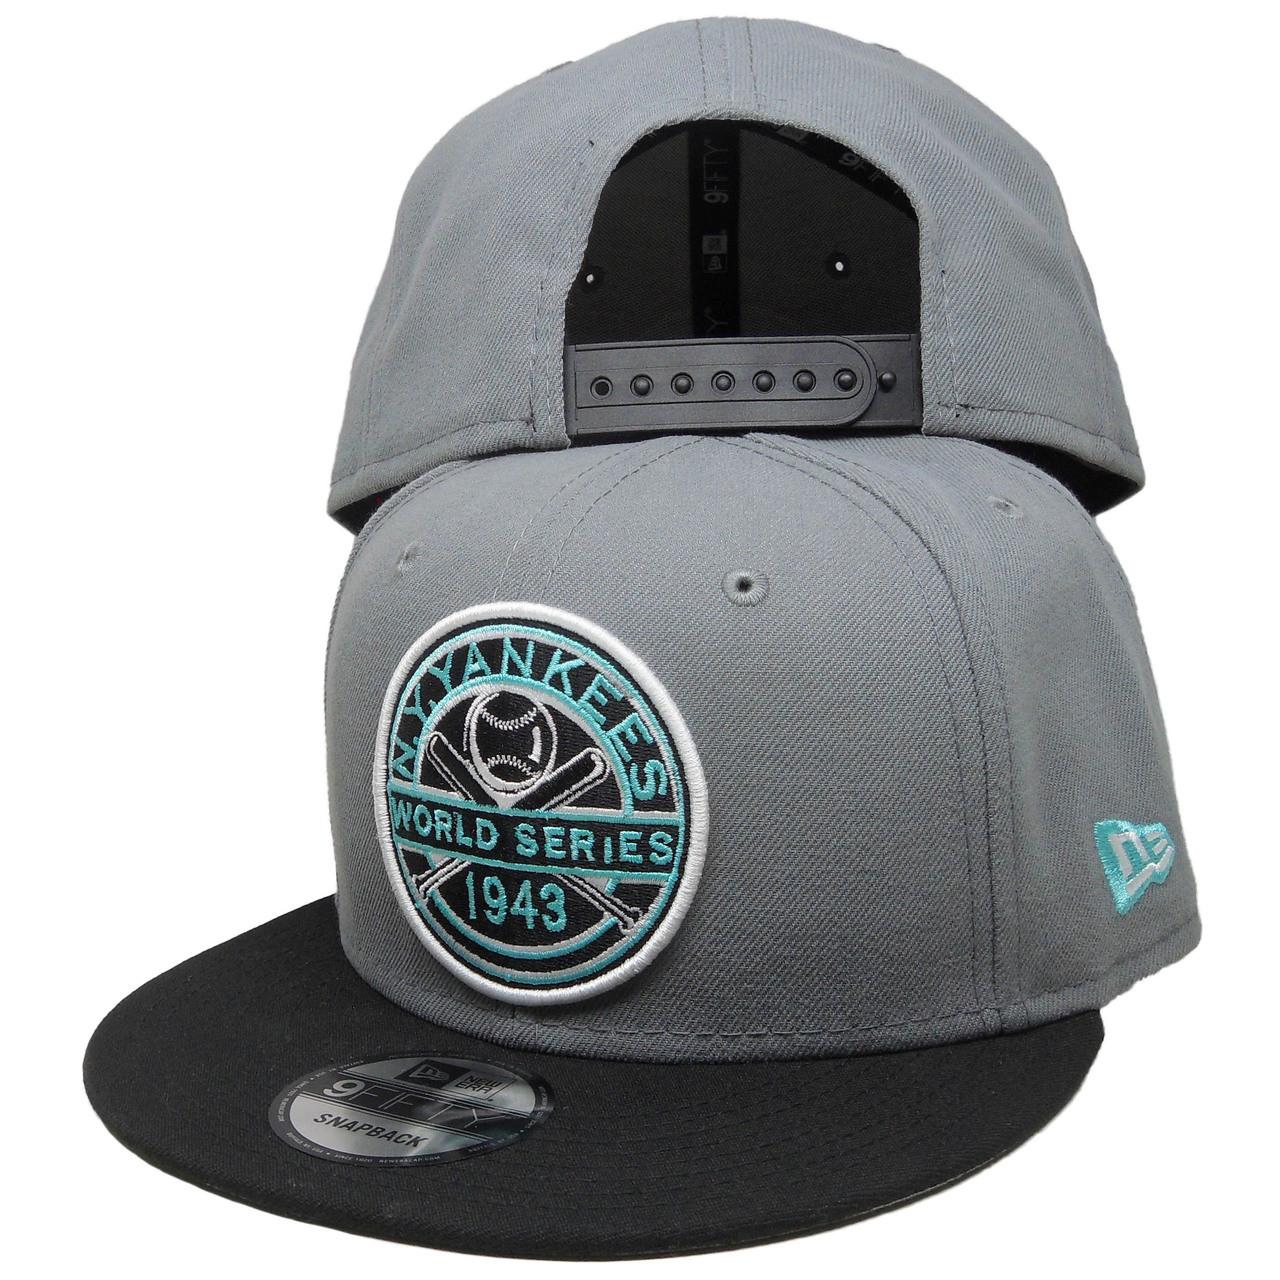 gorące nowe produkty duża zniżka Cena obniżona New York Yankees New Era Custom 43 WS 9Fifty Snapback - Gray, Black, Mint  Green